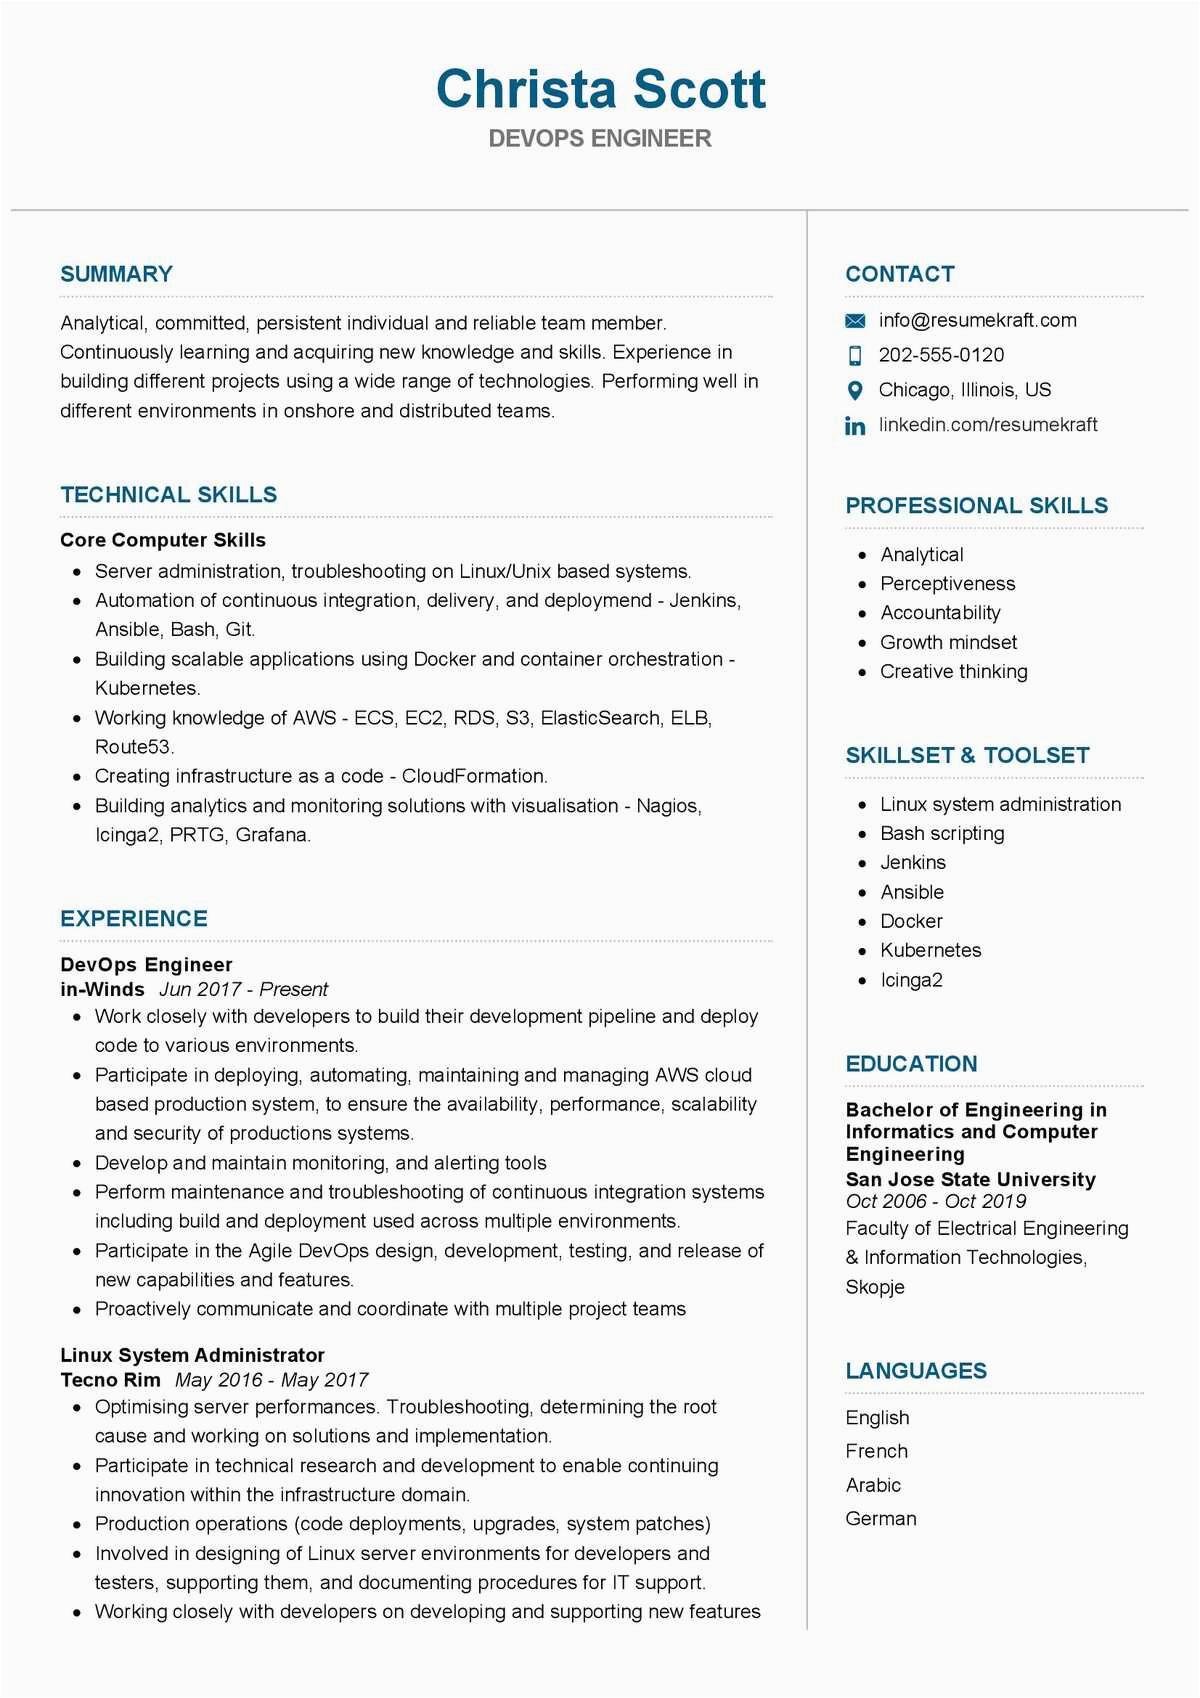 Sample Resume for Experienced Devops Engineer Pdf Devops Engineer Resume Sample 2021